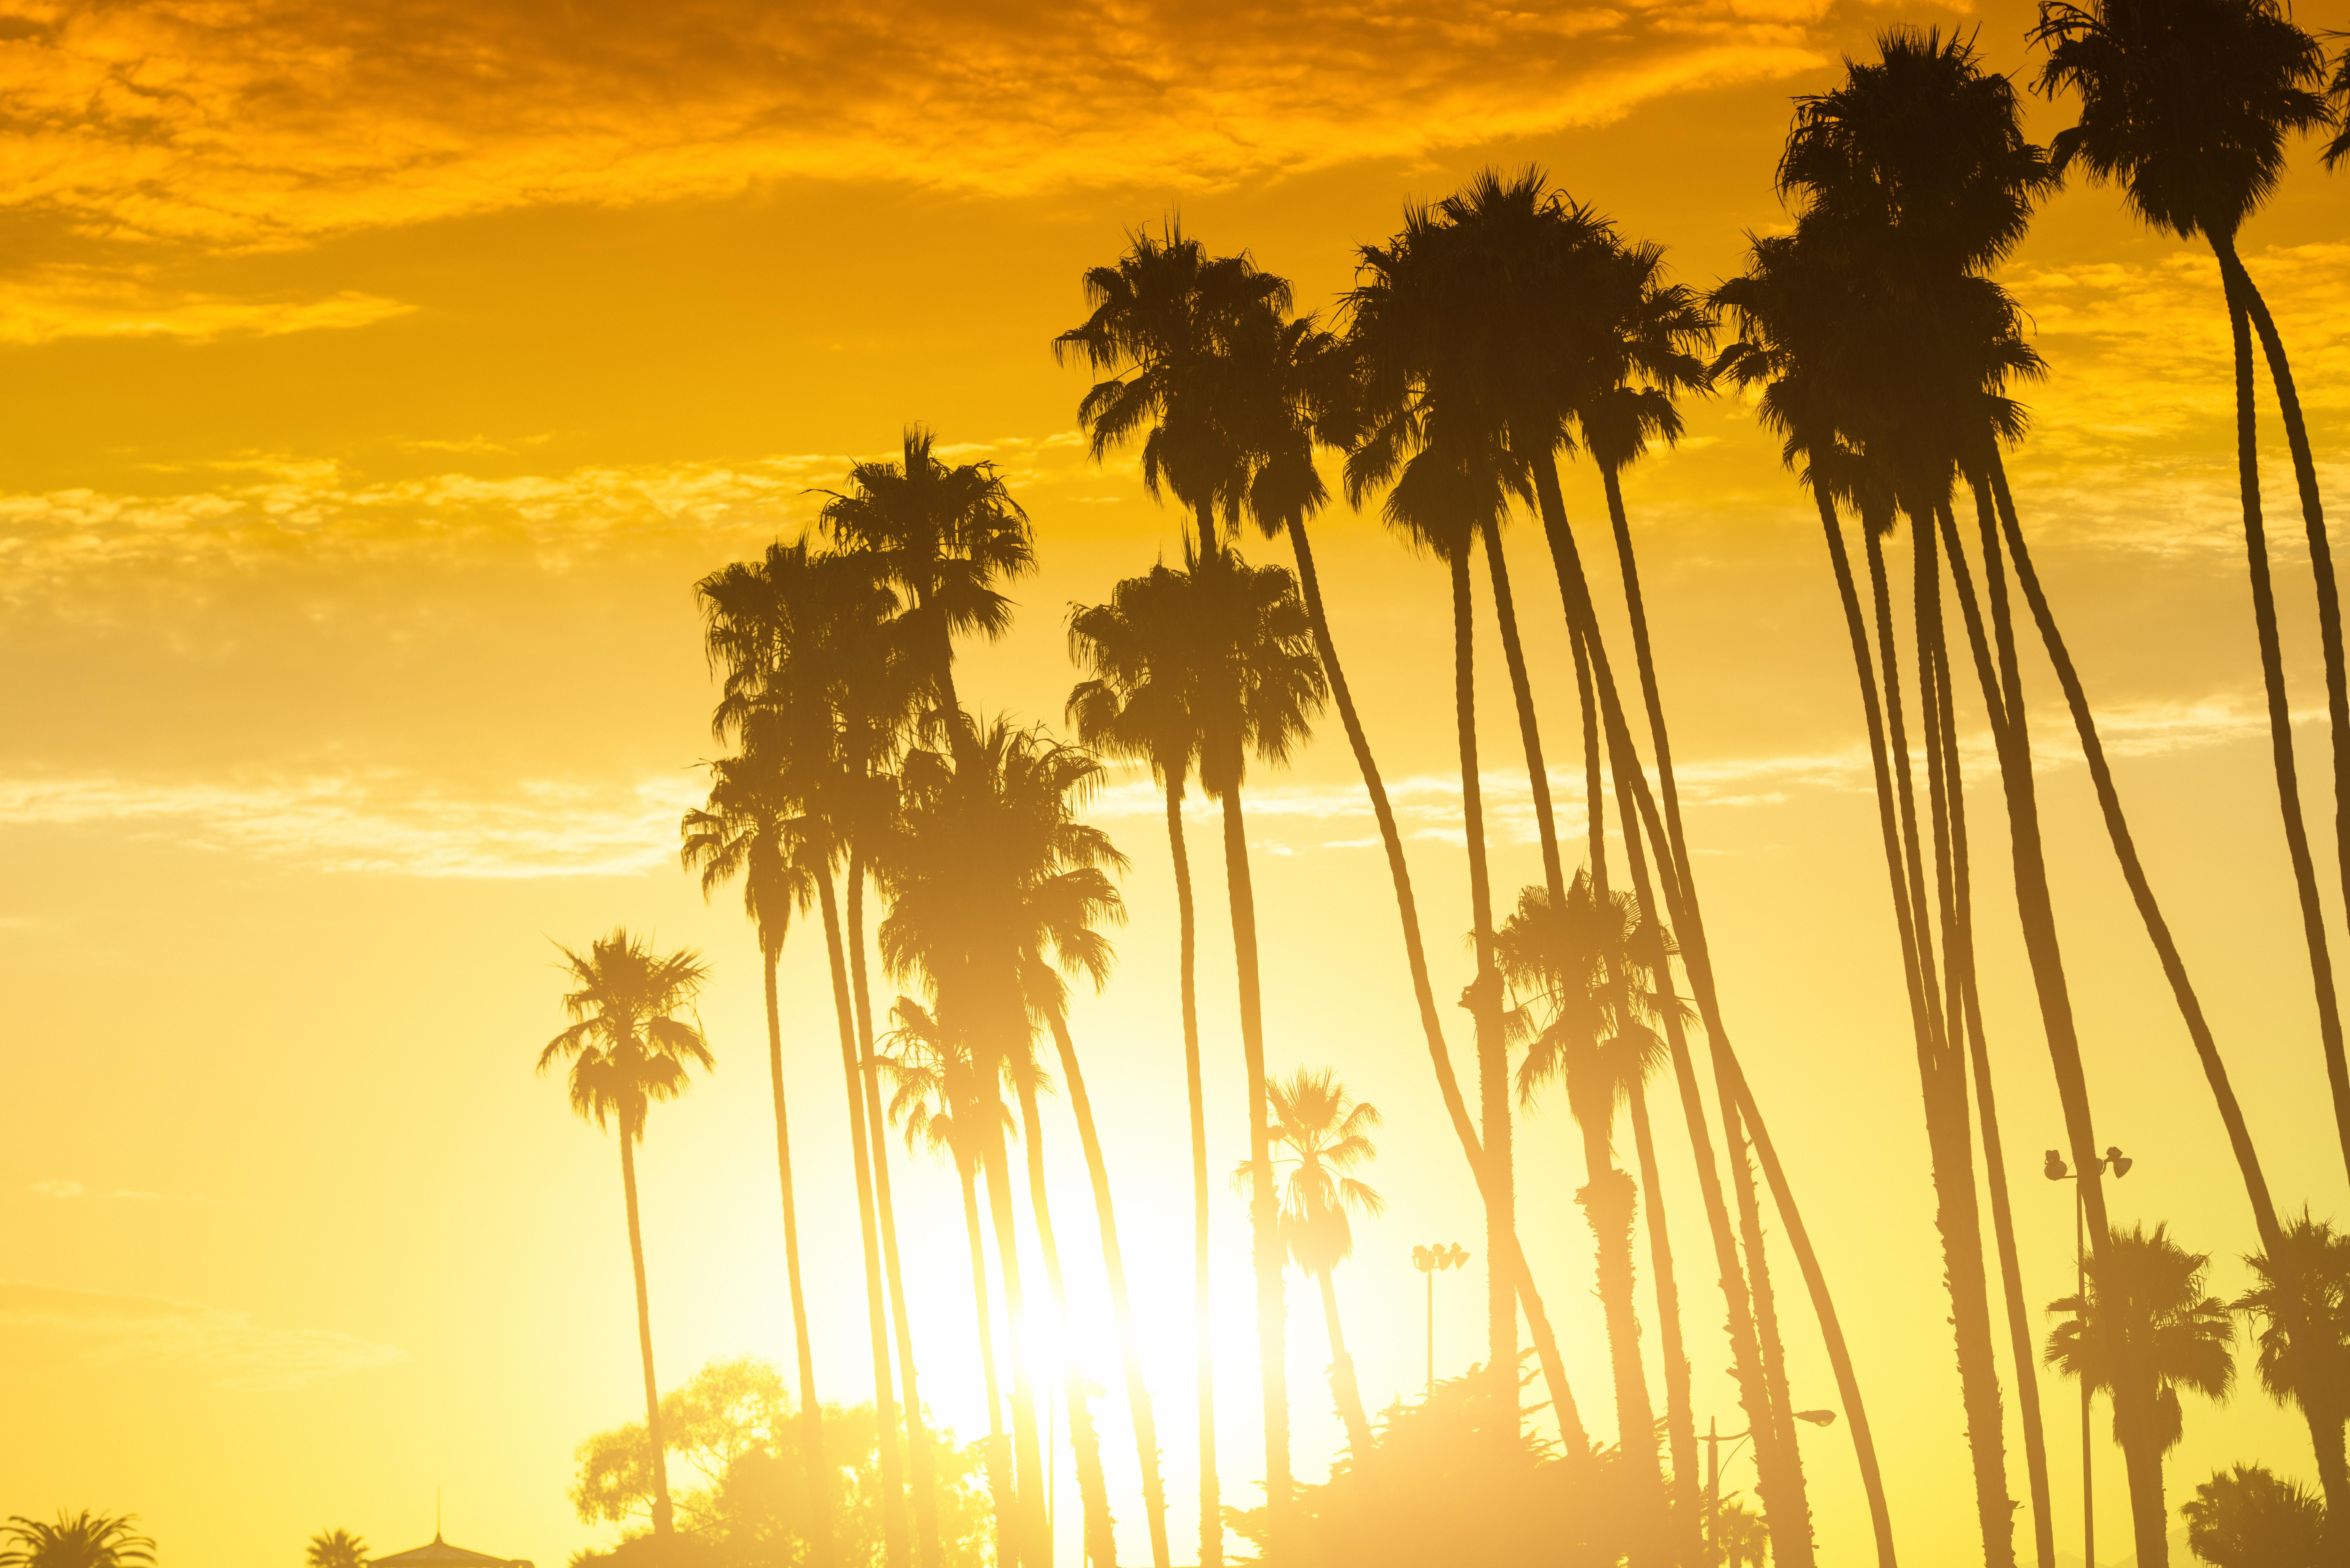 Studio710_San_Diego_Downtown_Daylight_Photo_Studio_Event_Rental_09